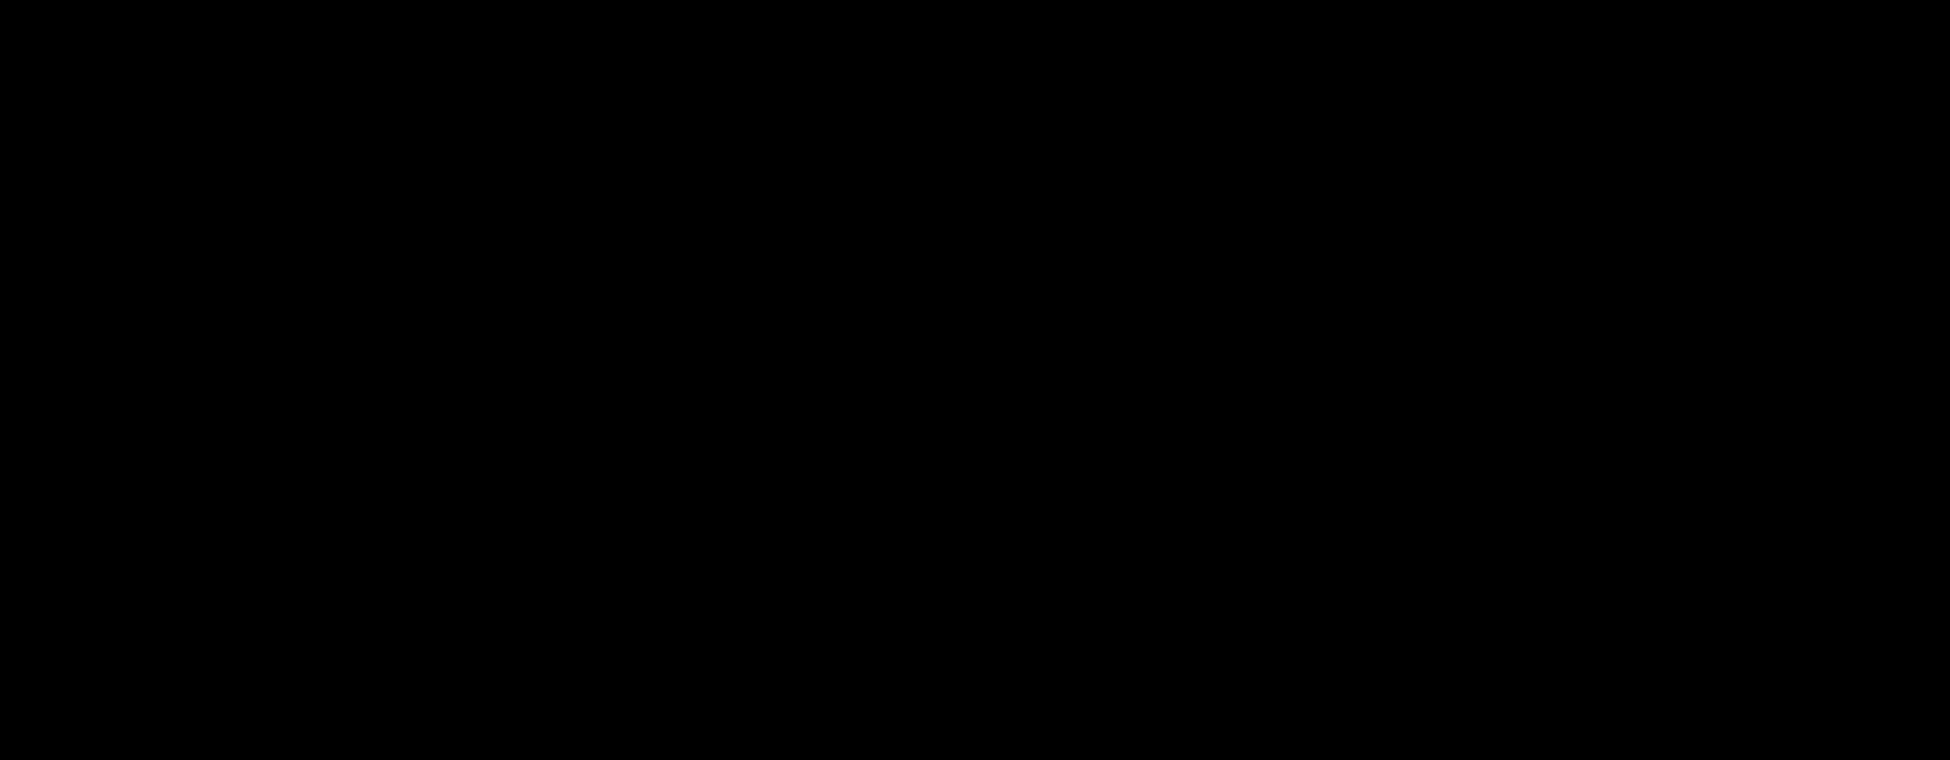 clairmont-logo-black.png